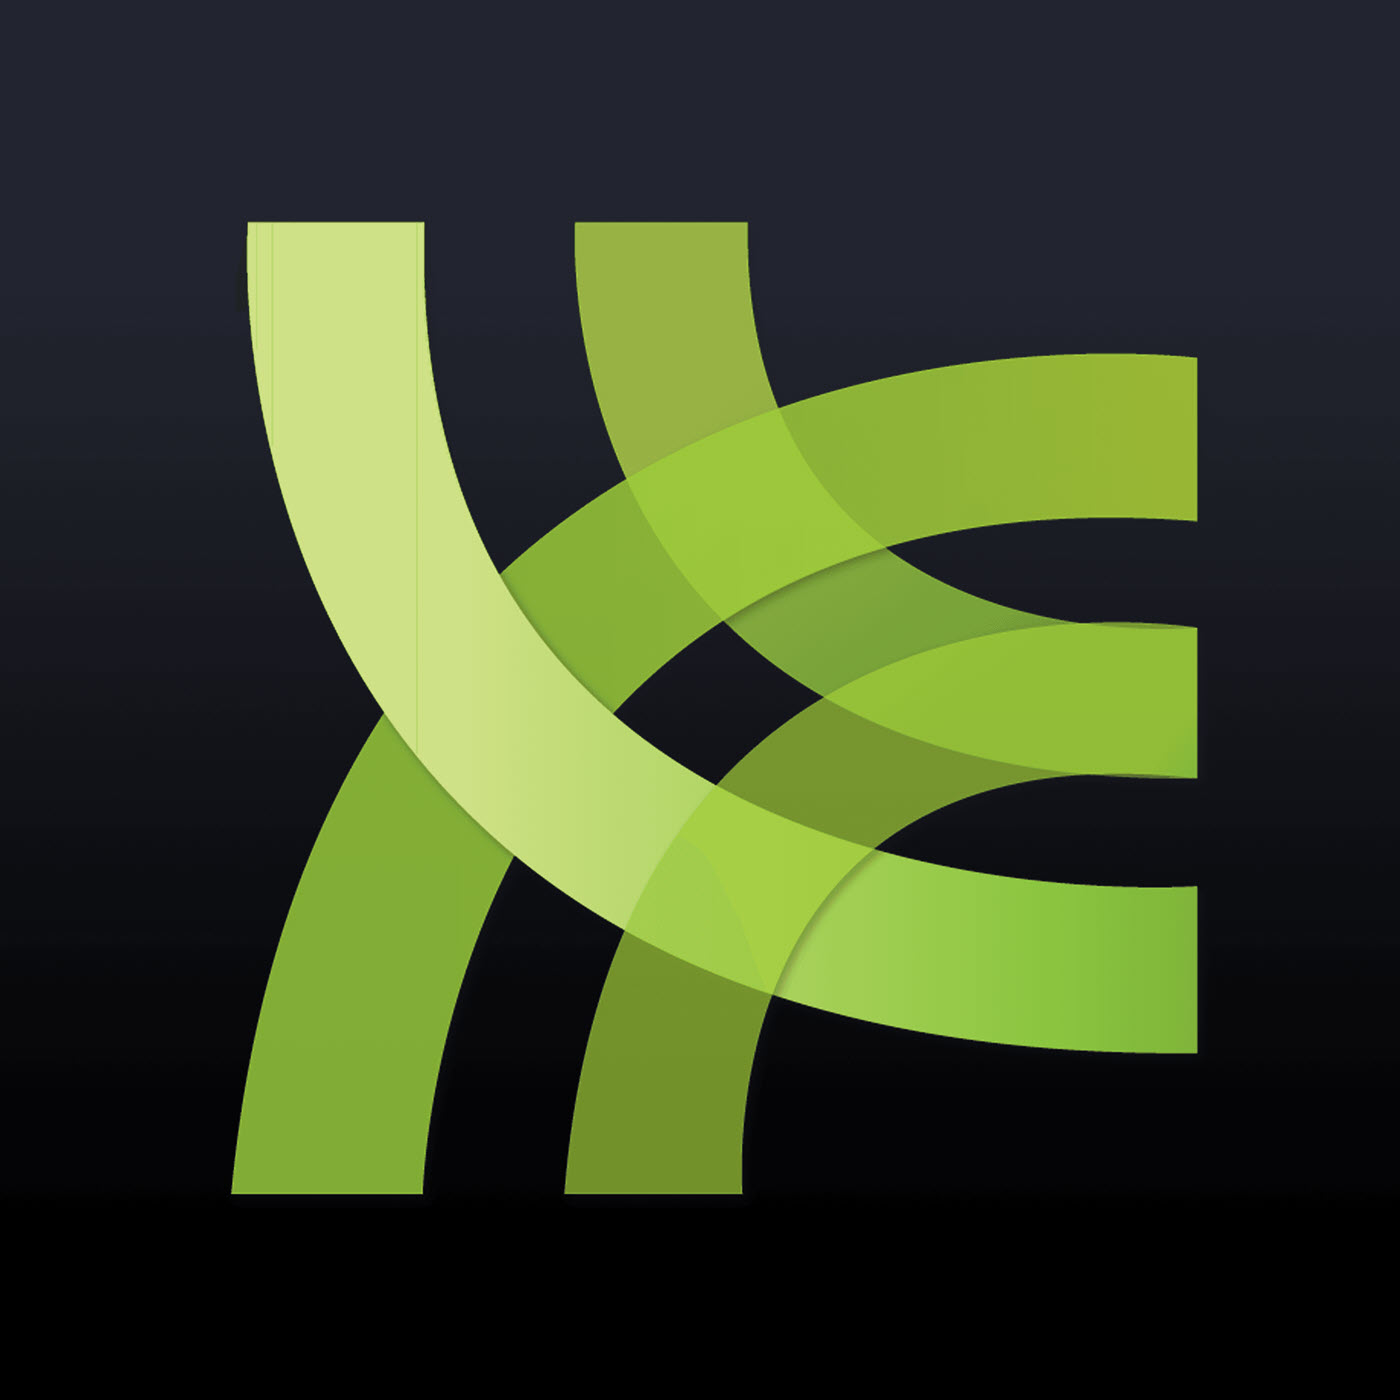 http://asset-server1.libsyn.com/show/k-bf1a0361d39f0a40/assets/moon.jpg